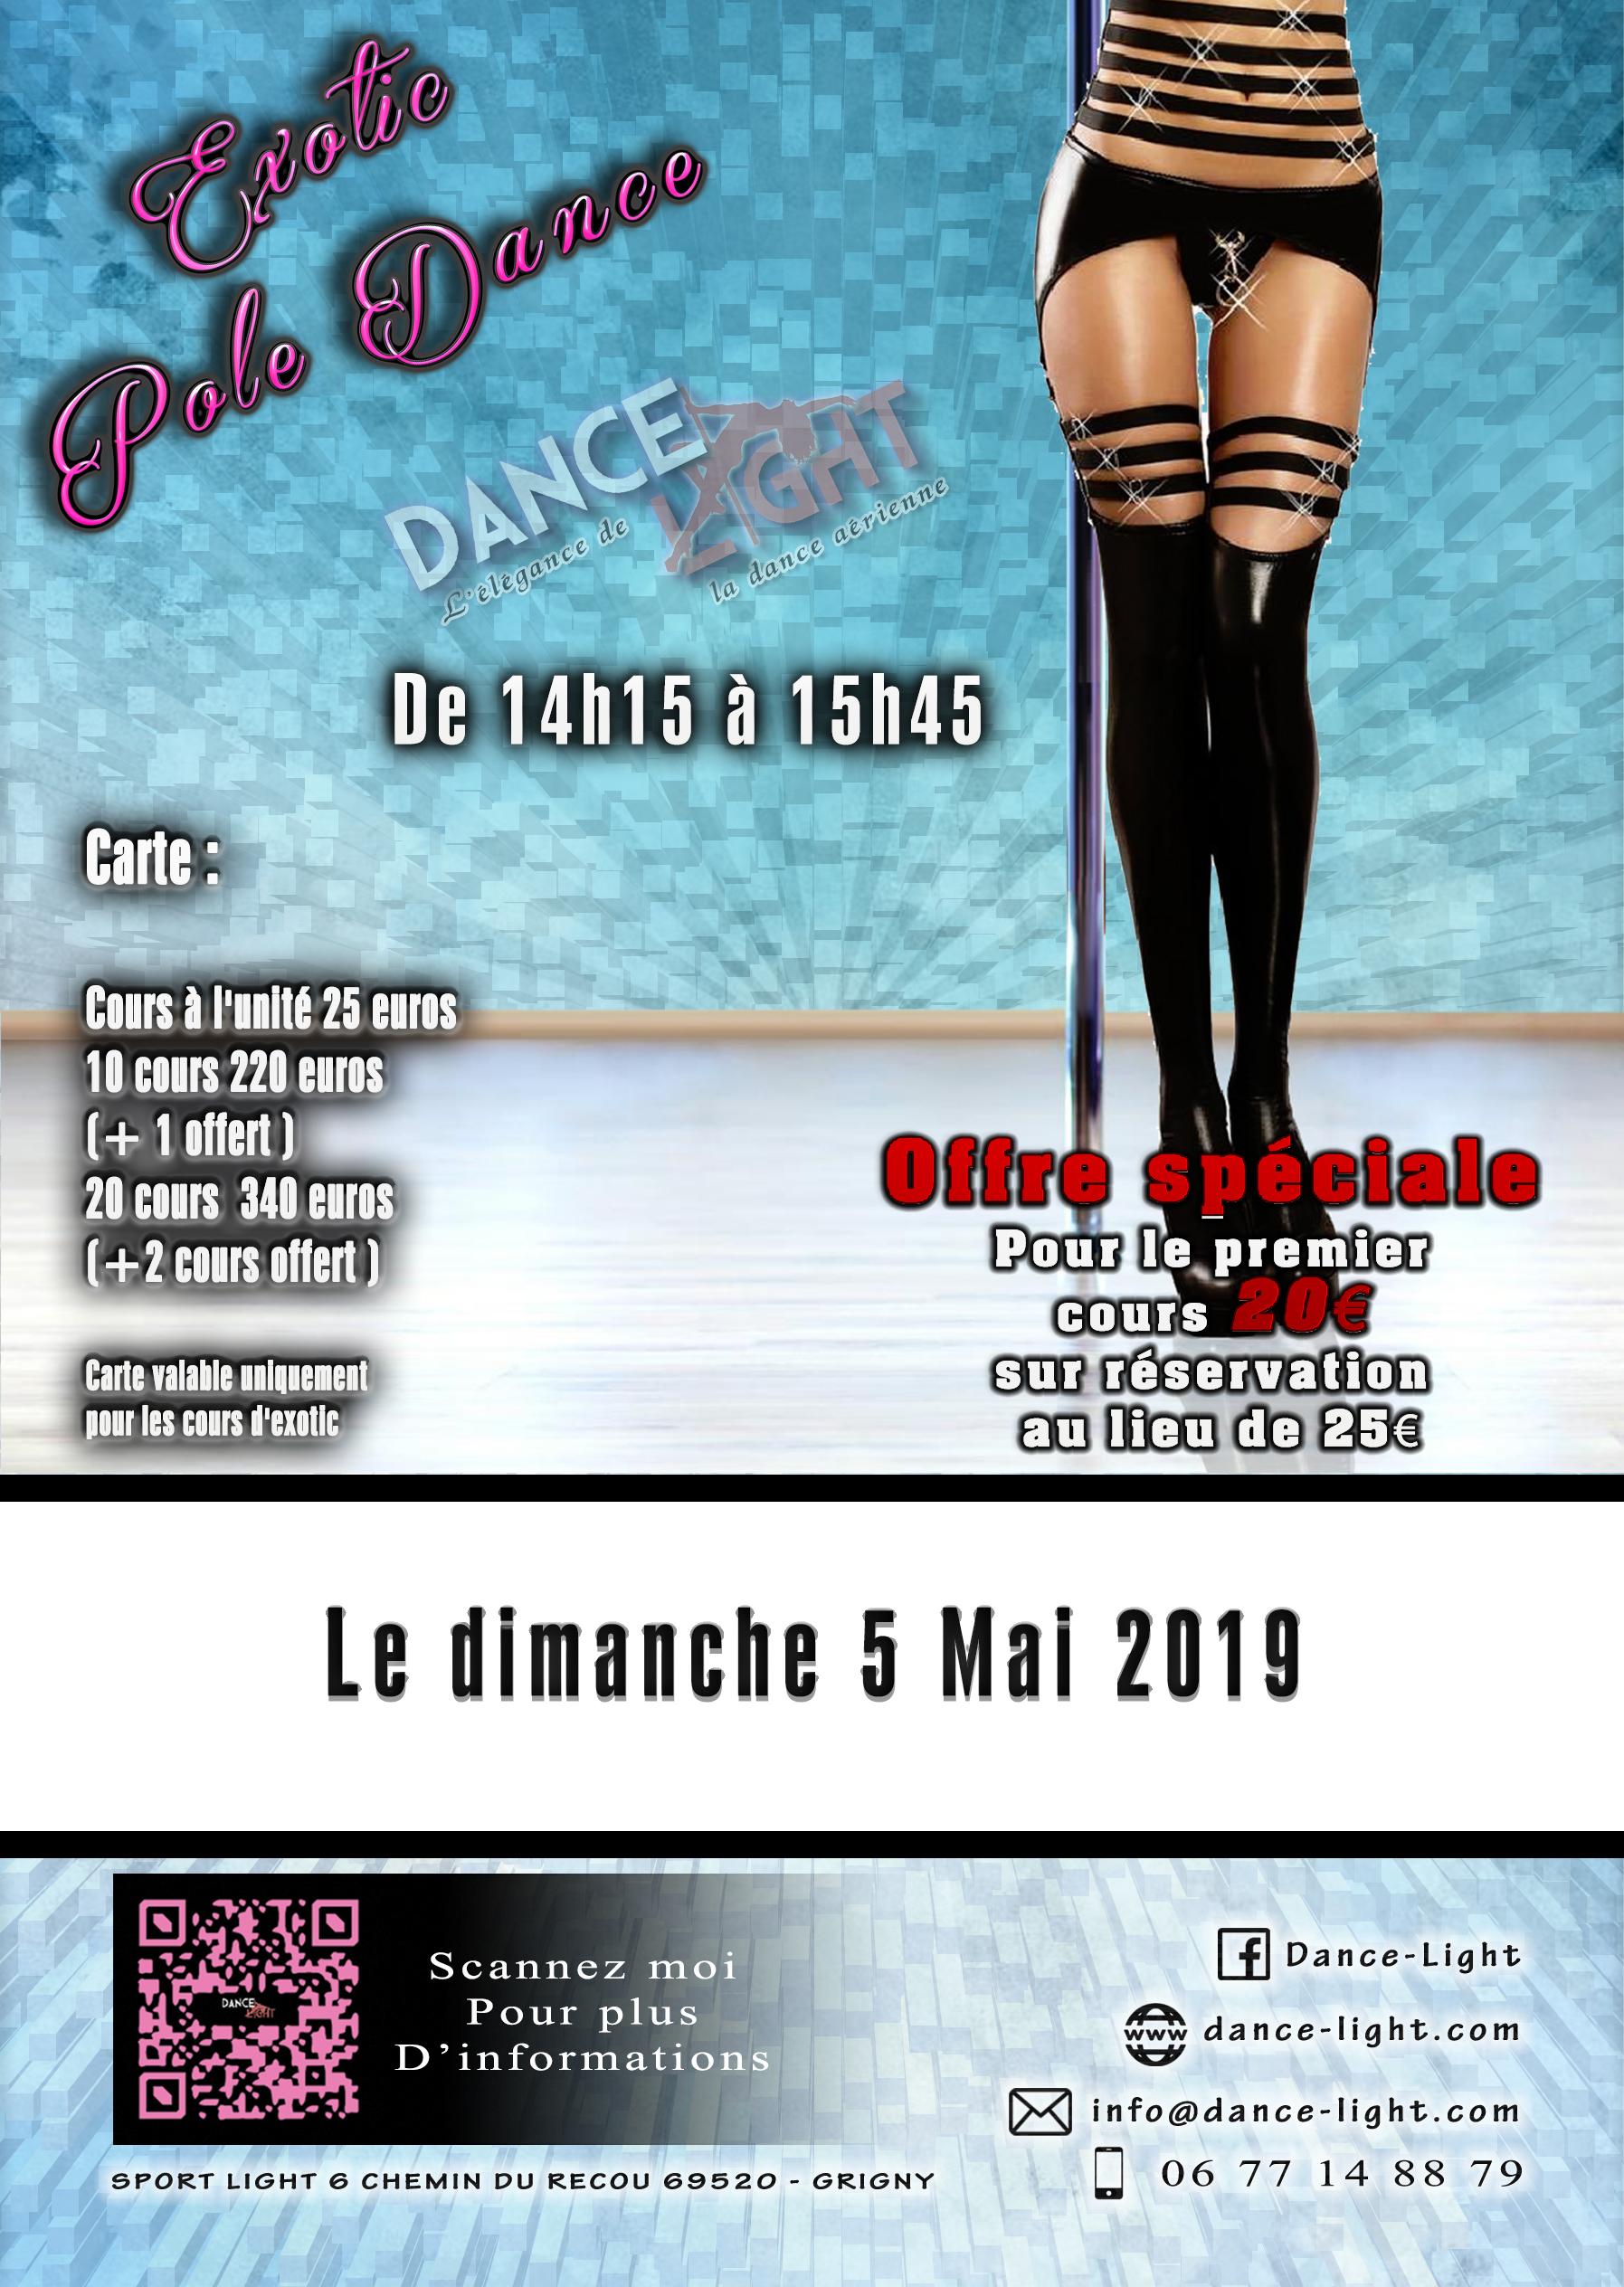 Exotic Pole Dance Mai 2019 new